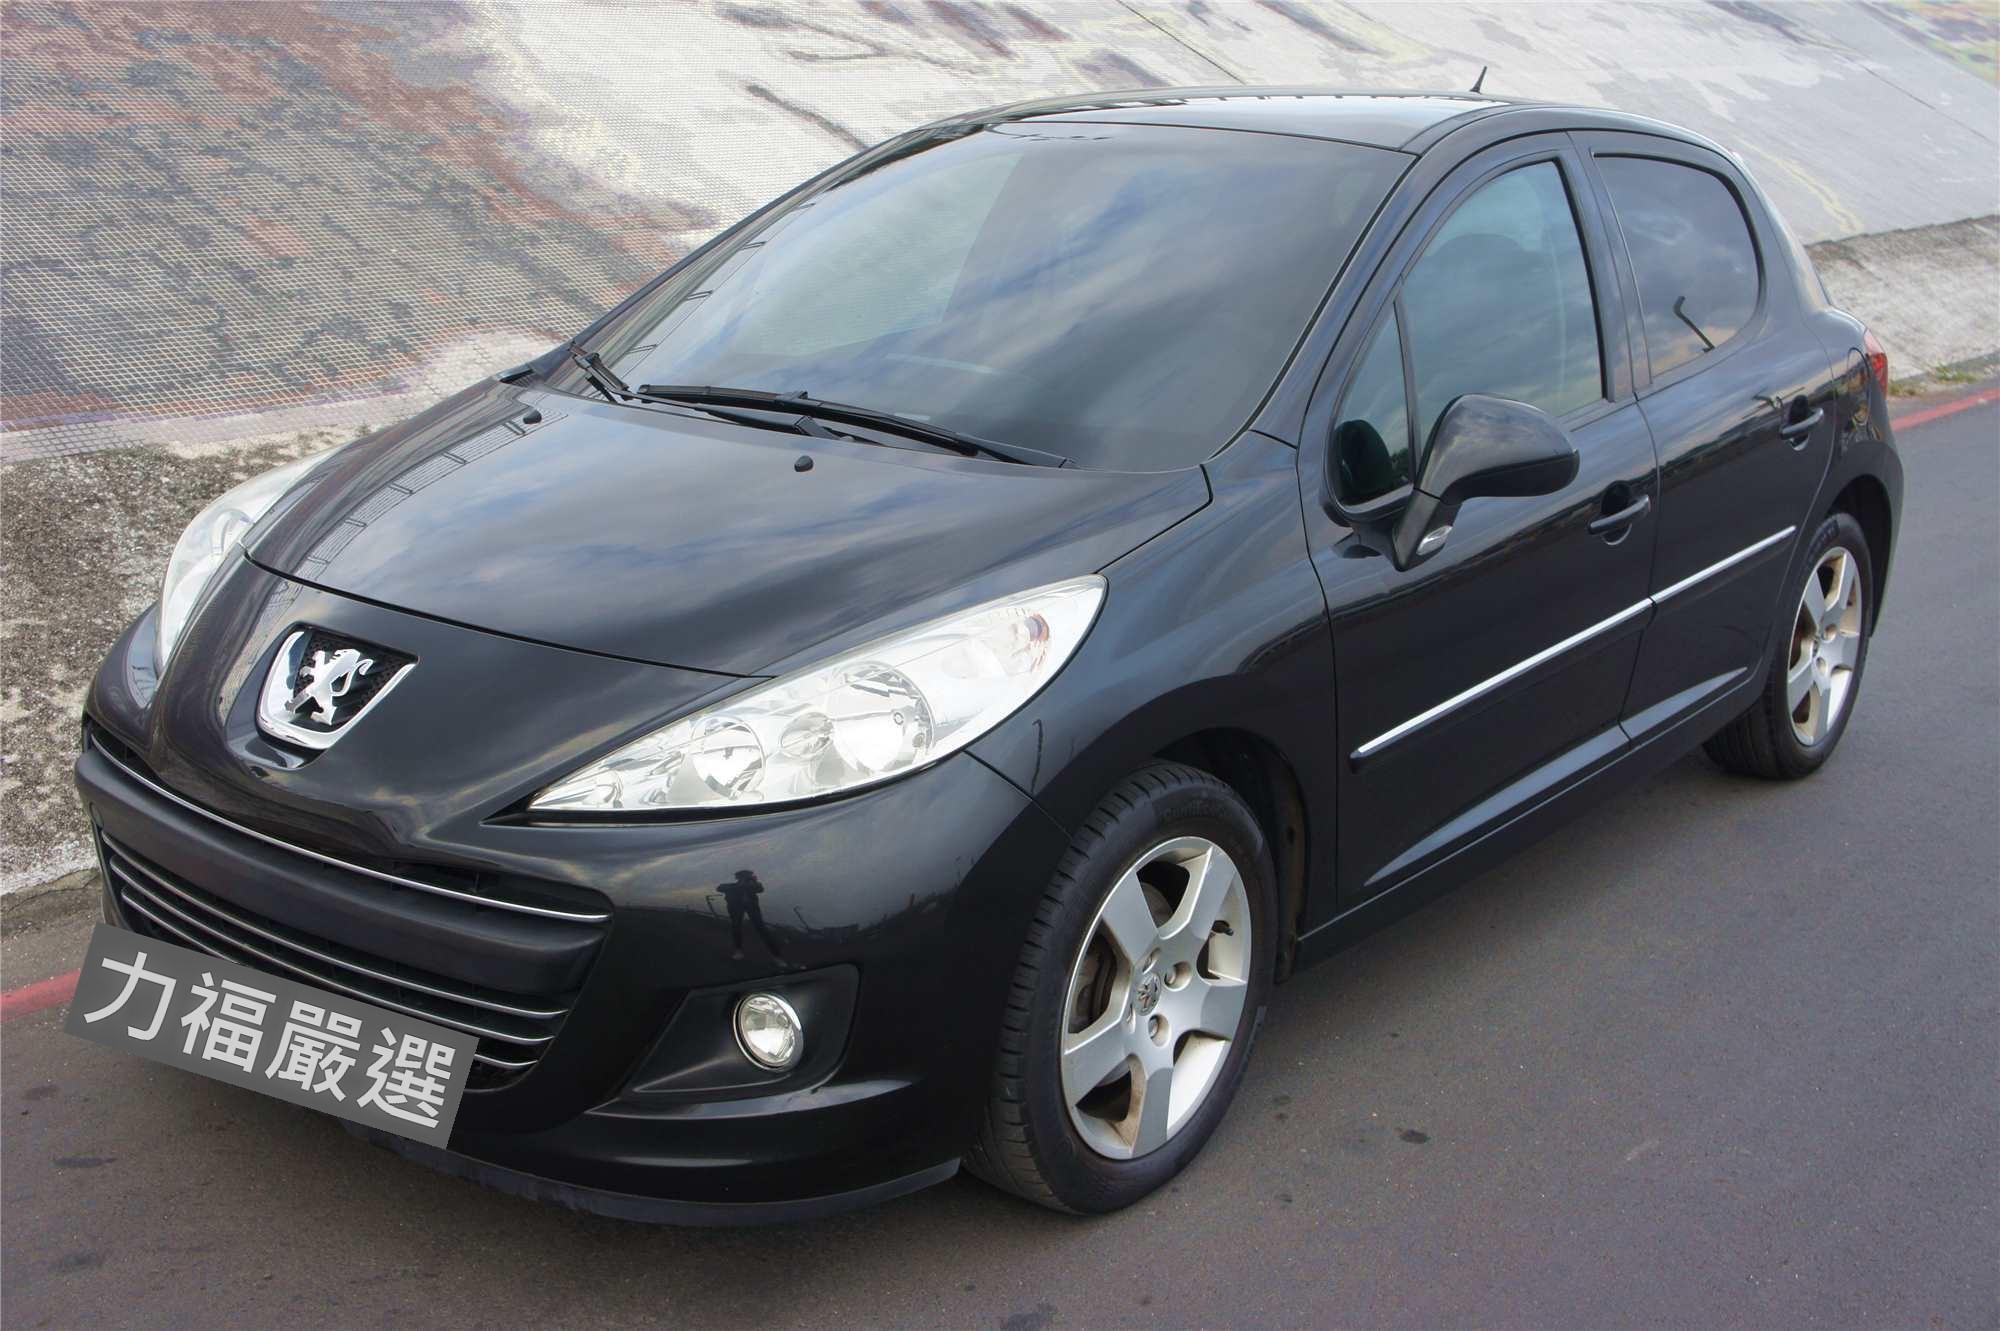 2011 Peugeot 寶獅 207